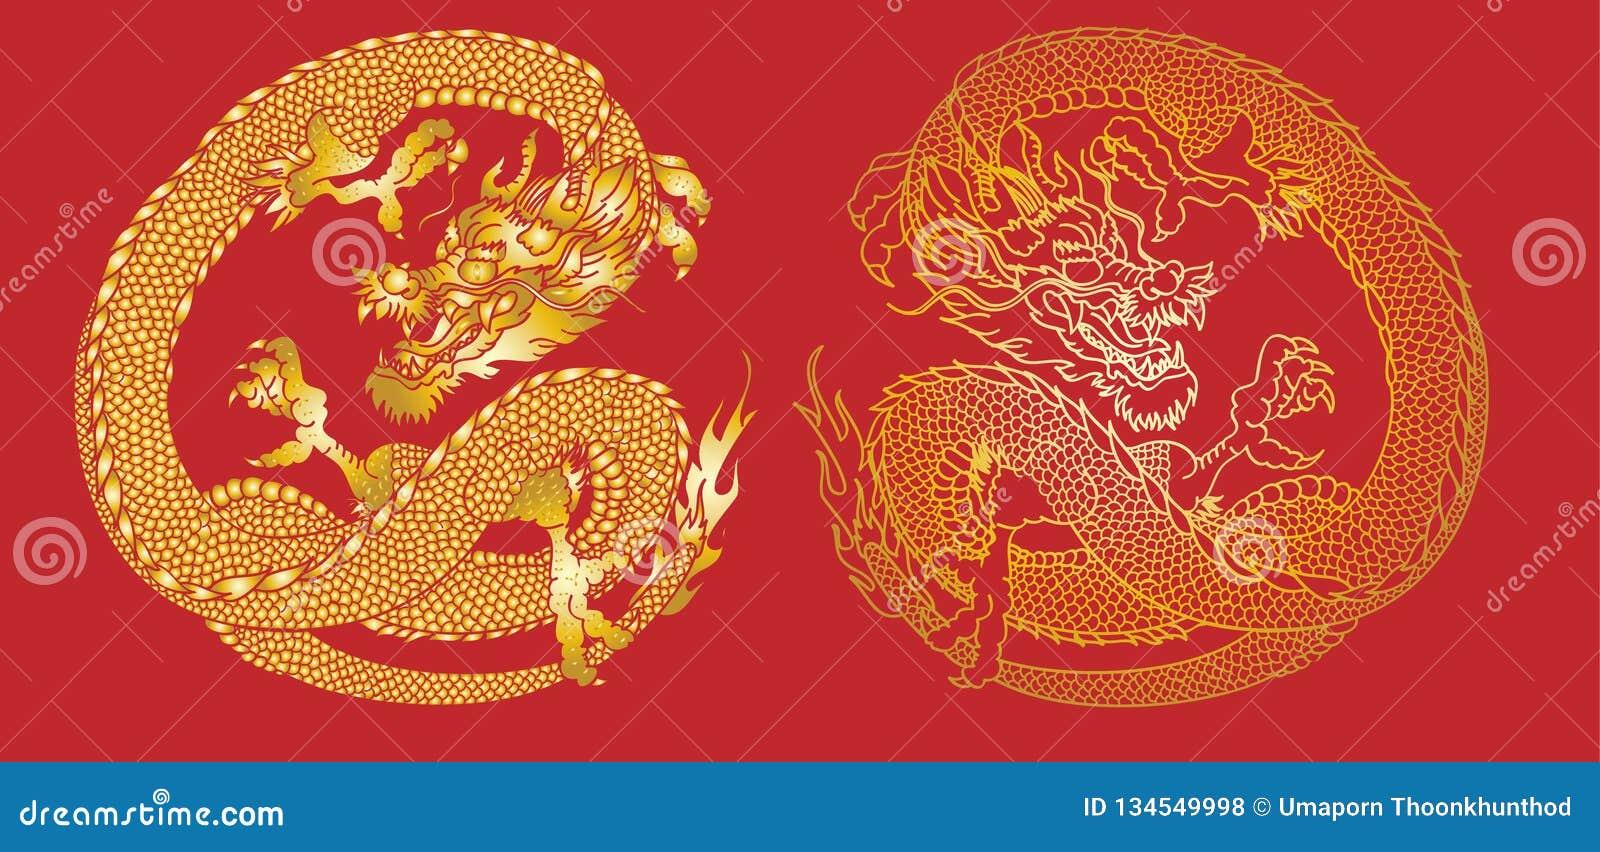 Conception De Tatouage Et D Illustration De Vecteur De Serpent Avec